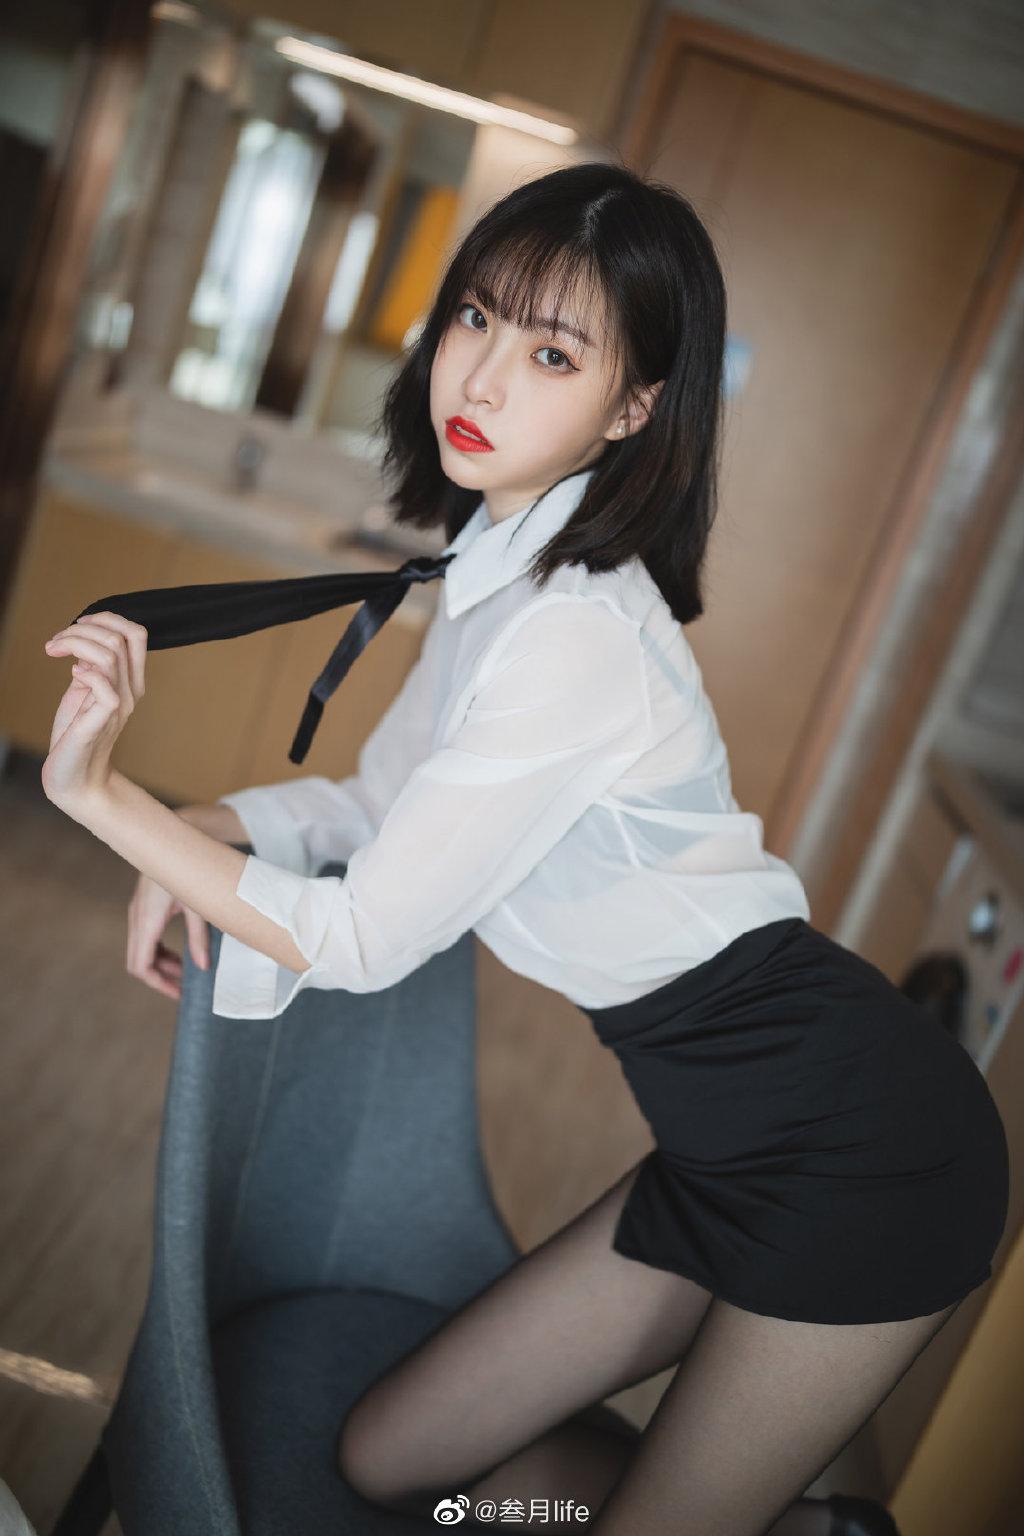 好标准的OL呀@许岚LAN 这么漂亮的腿不登三轮可惜了!插图